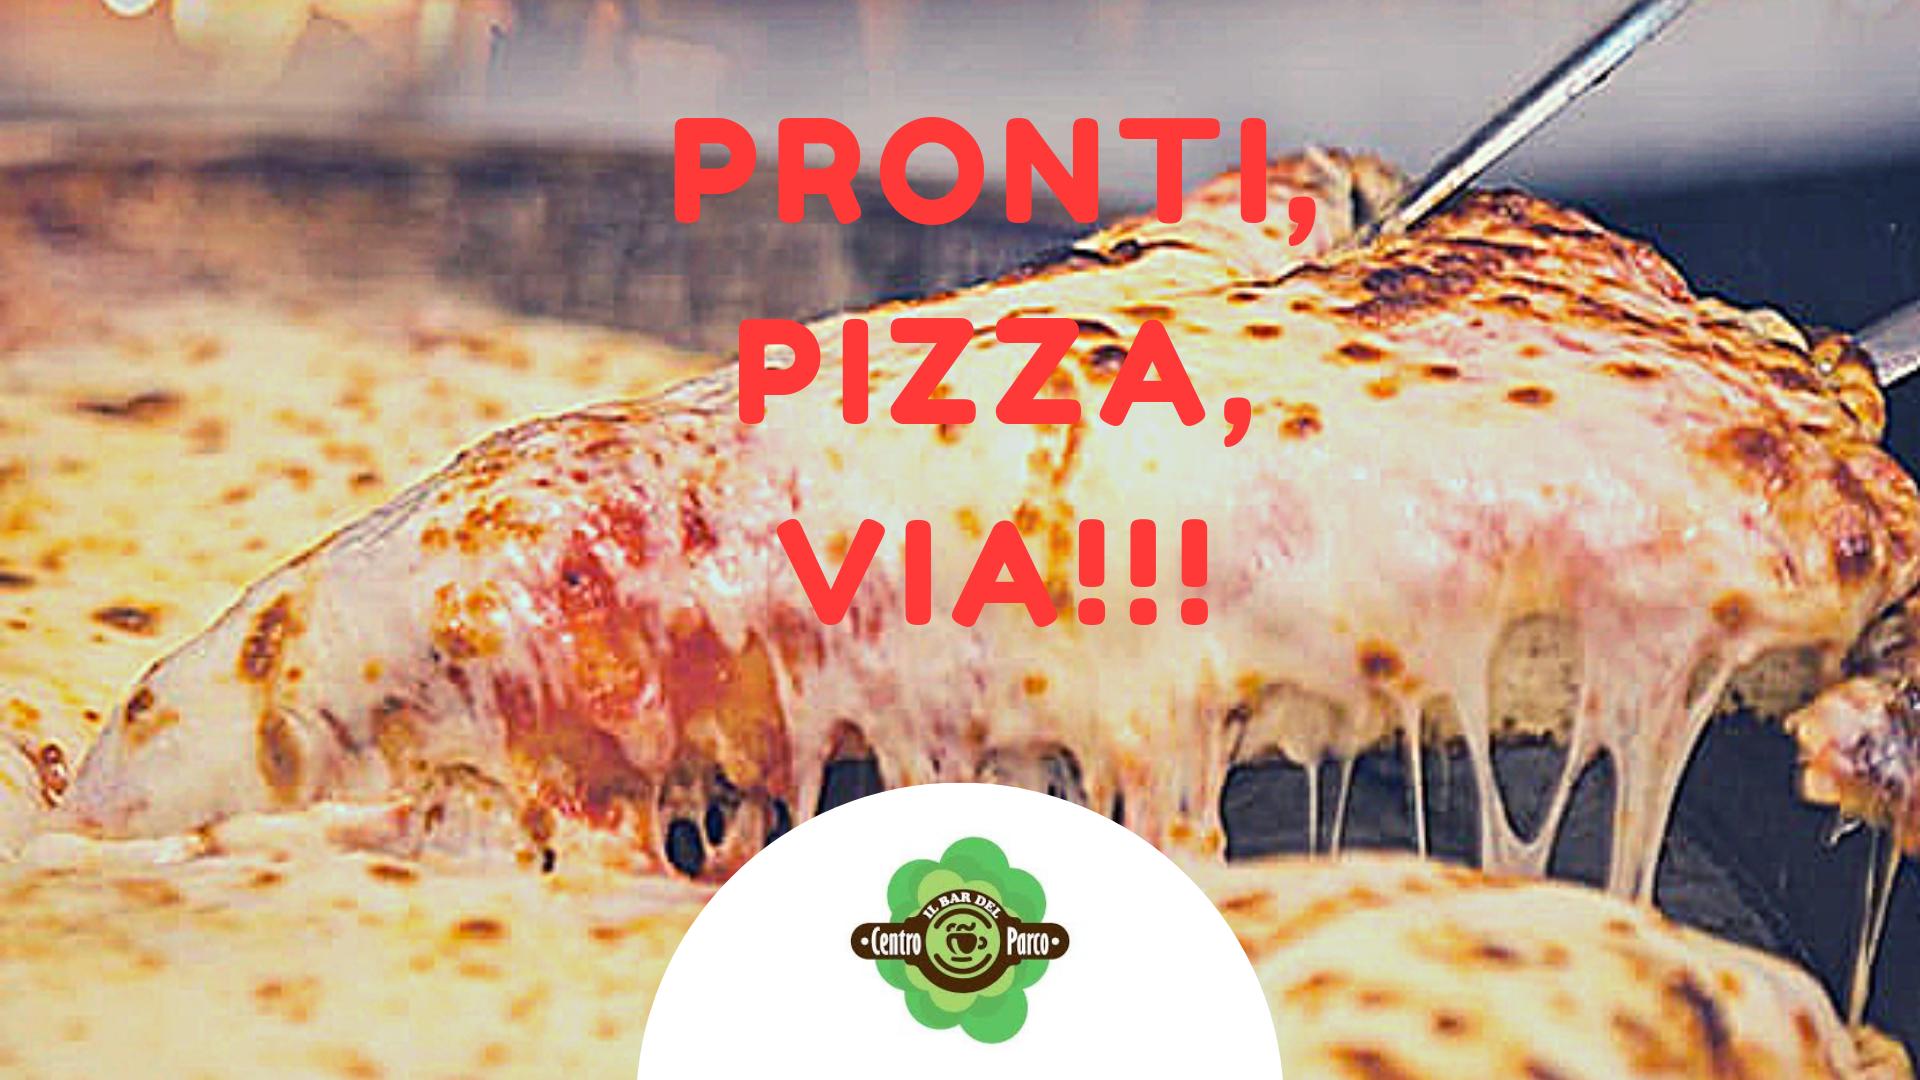 Già provata la nostra pizza?!